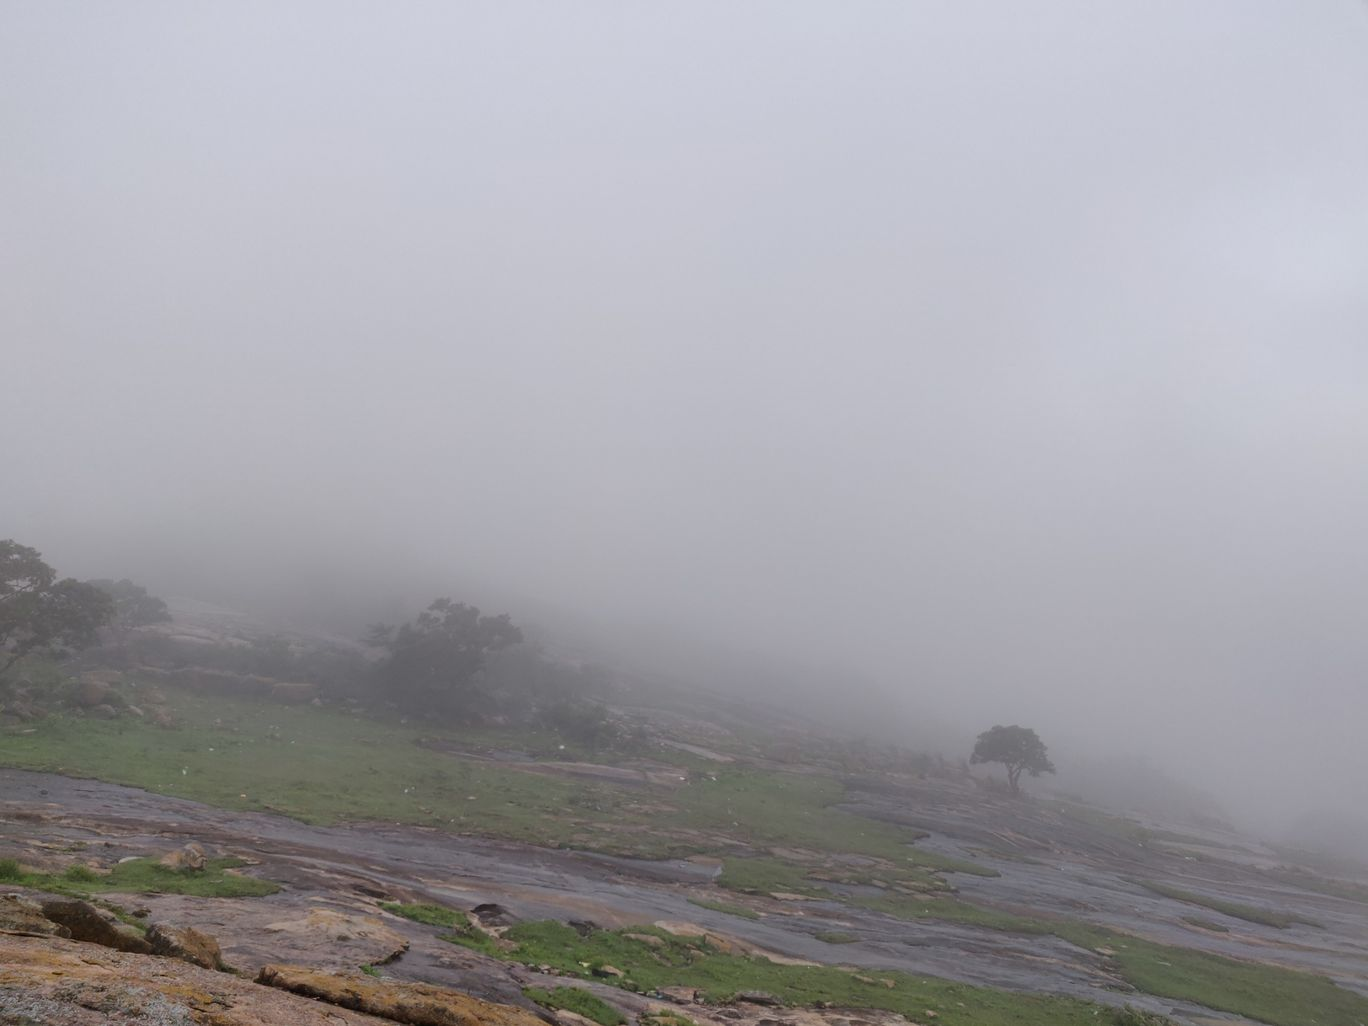 Photo of Horsley Hills By Shiva Prasad